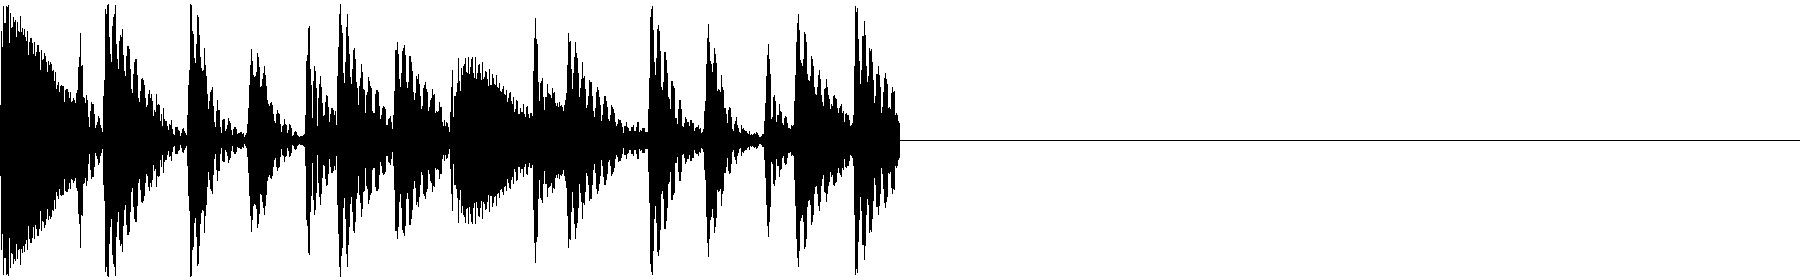 db sync c 1